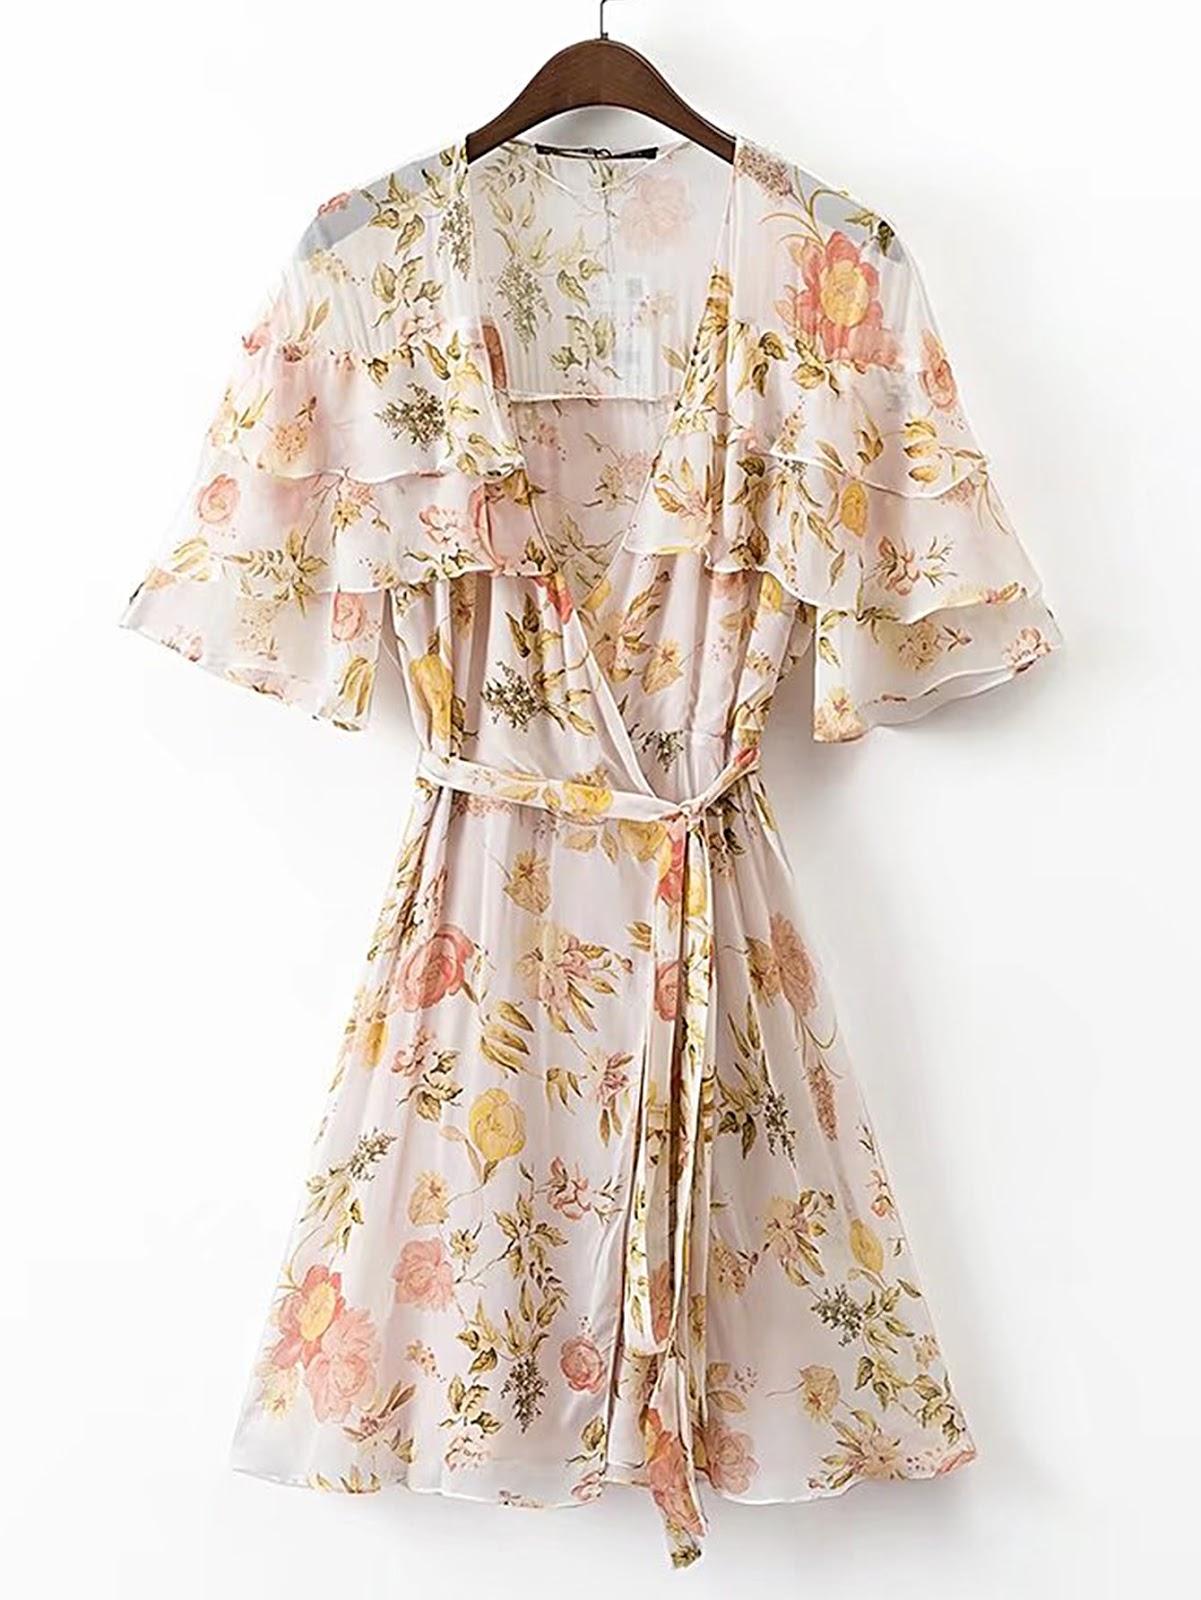 Abiti estivi in saldo - Summer dresses - Eniwhere Fashion